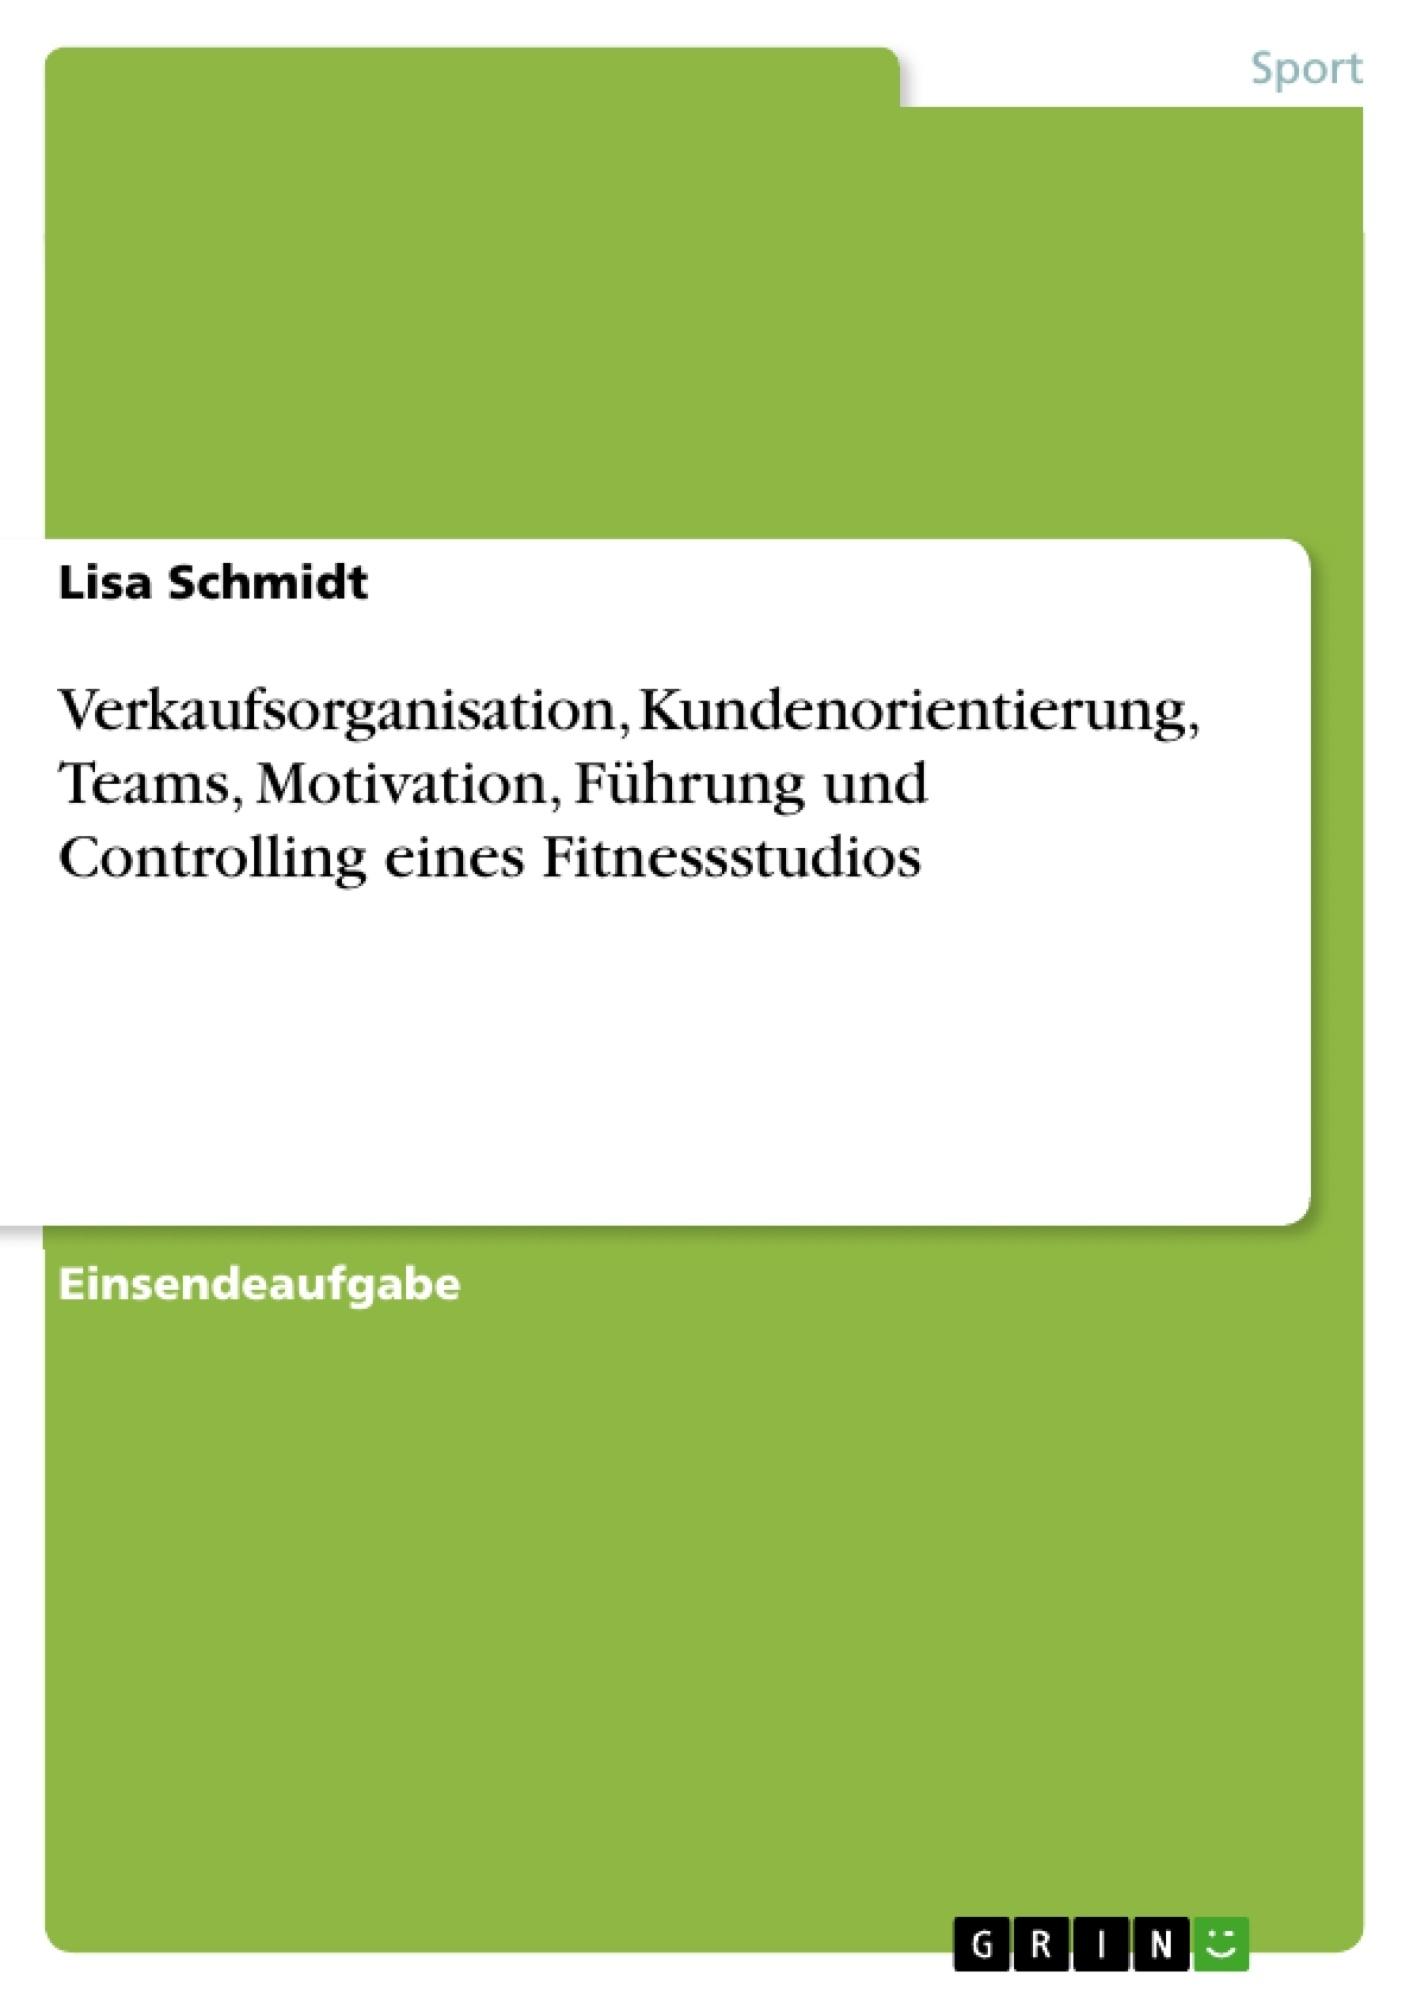 Titel: Verkaufsorganisation, Kundenorientierung, Teams, Motivation, Führung und Controlling eines Fitnessstudios